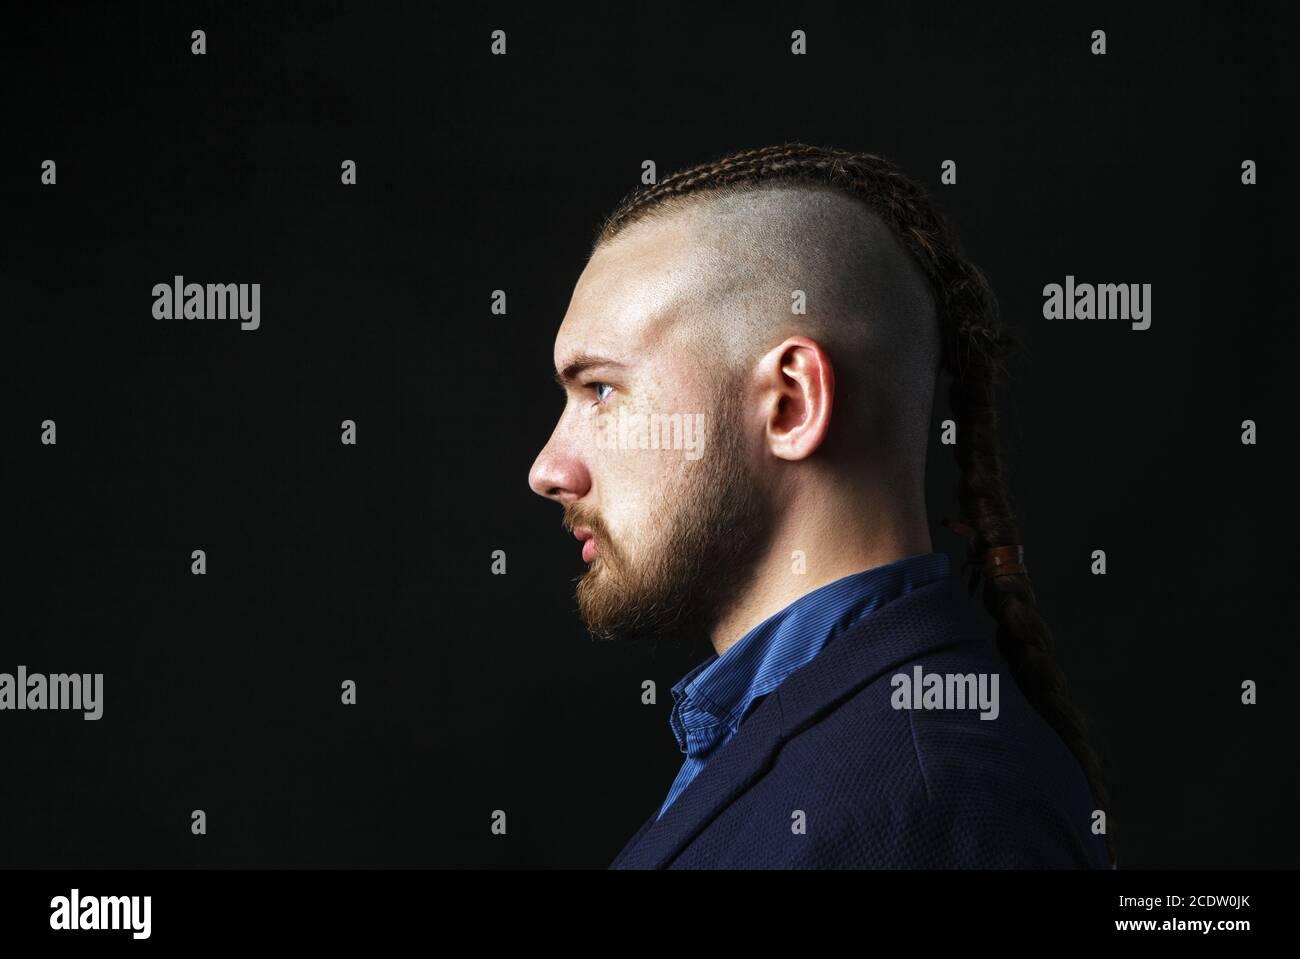 Get coiffure rasé derrière femme nuque png. L Homme Avec Des Dreadlocks Ressemble A Un Viking Coupe Iroquois Photo Stock Alamy